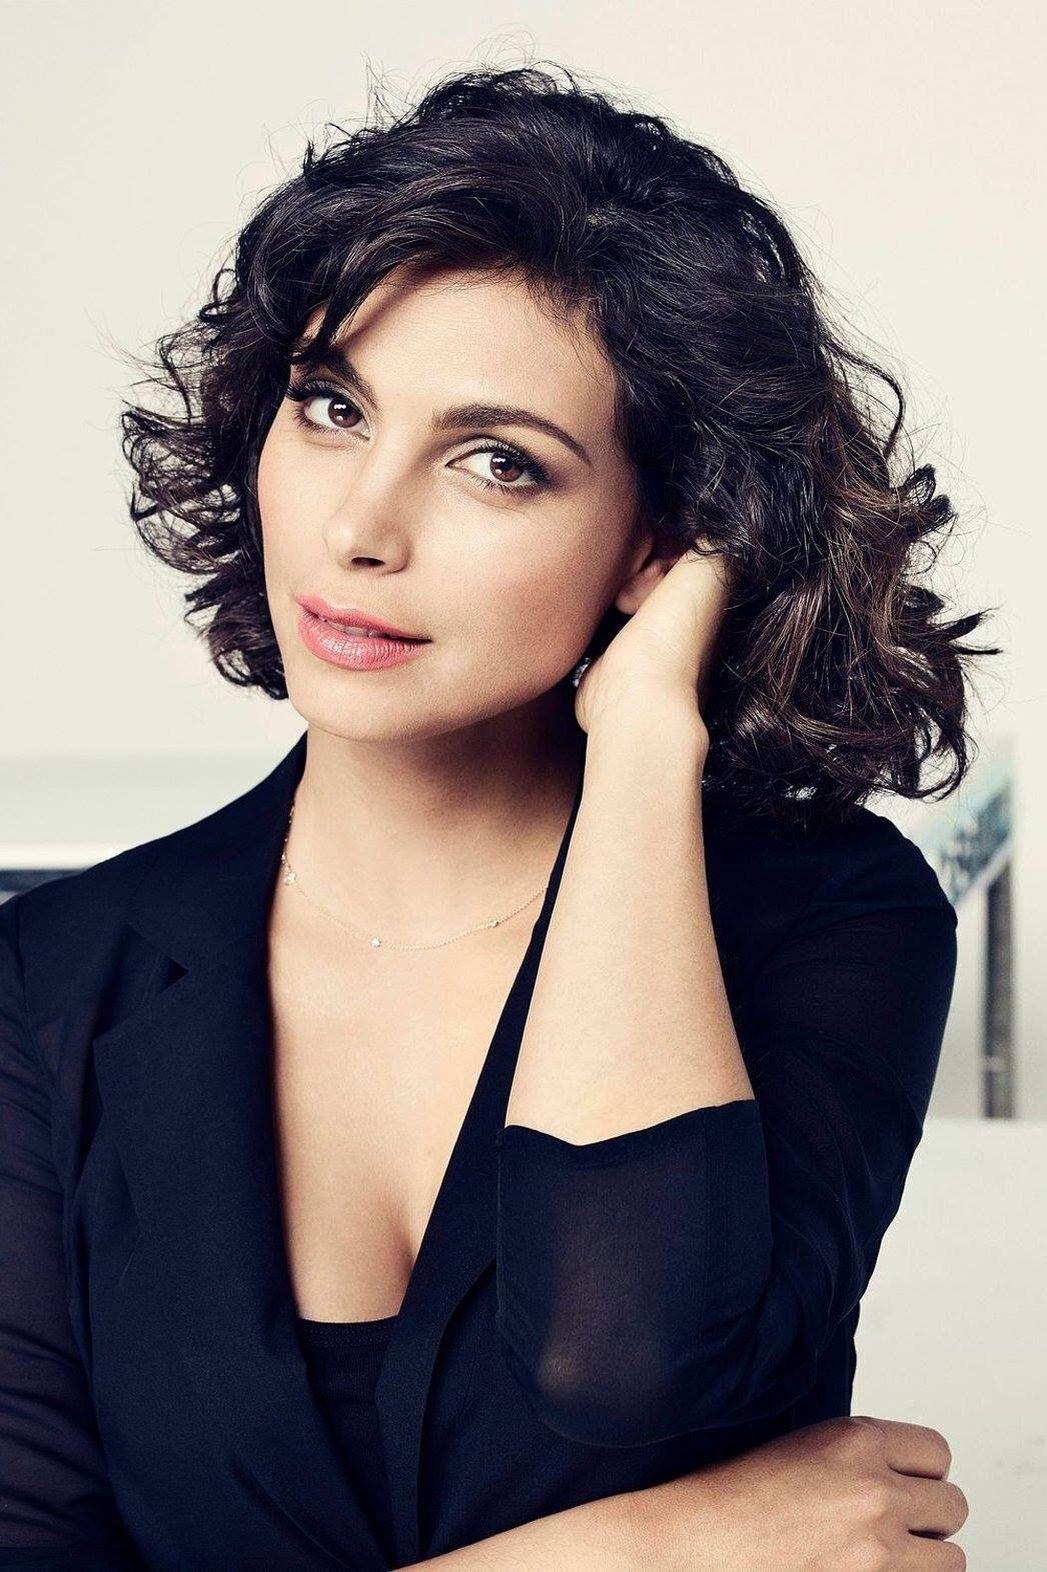 Epingle Sur Actors Actresses